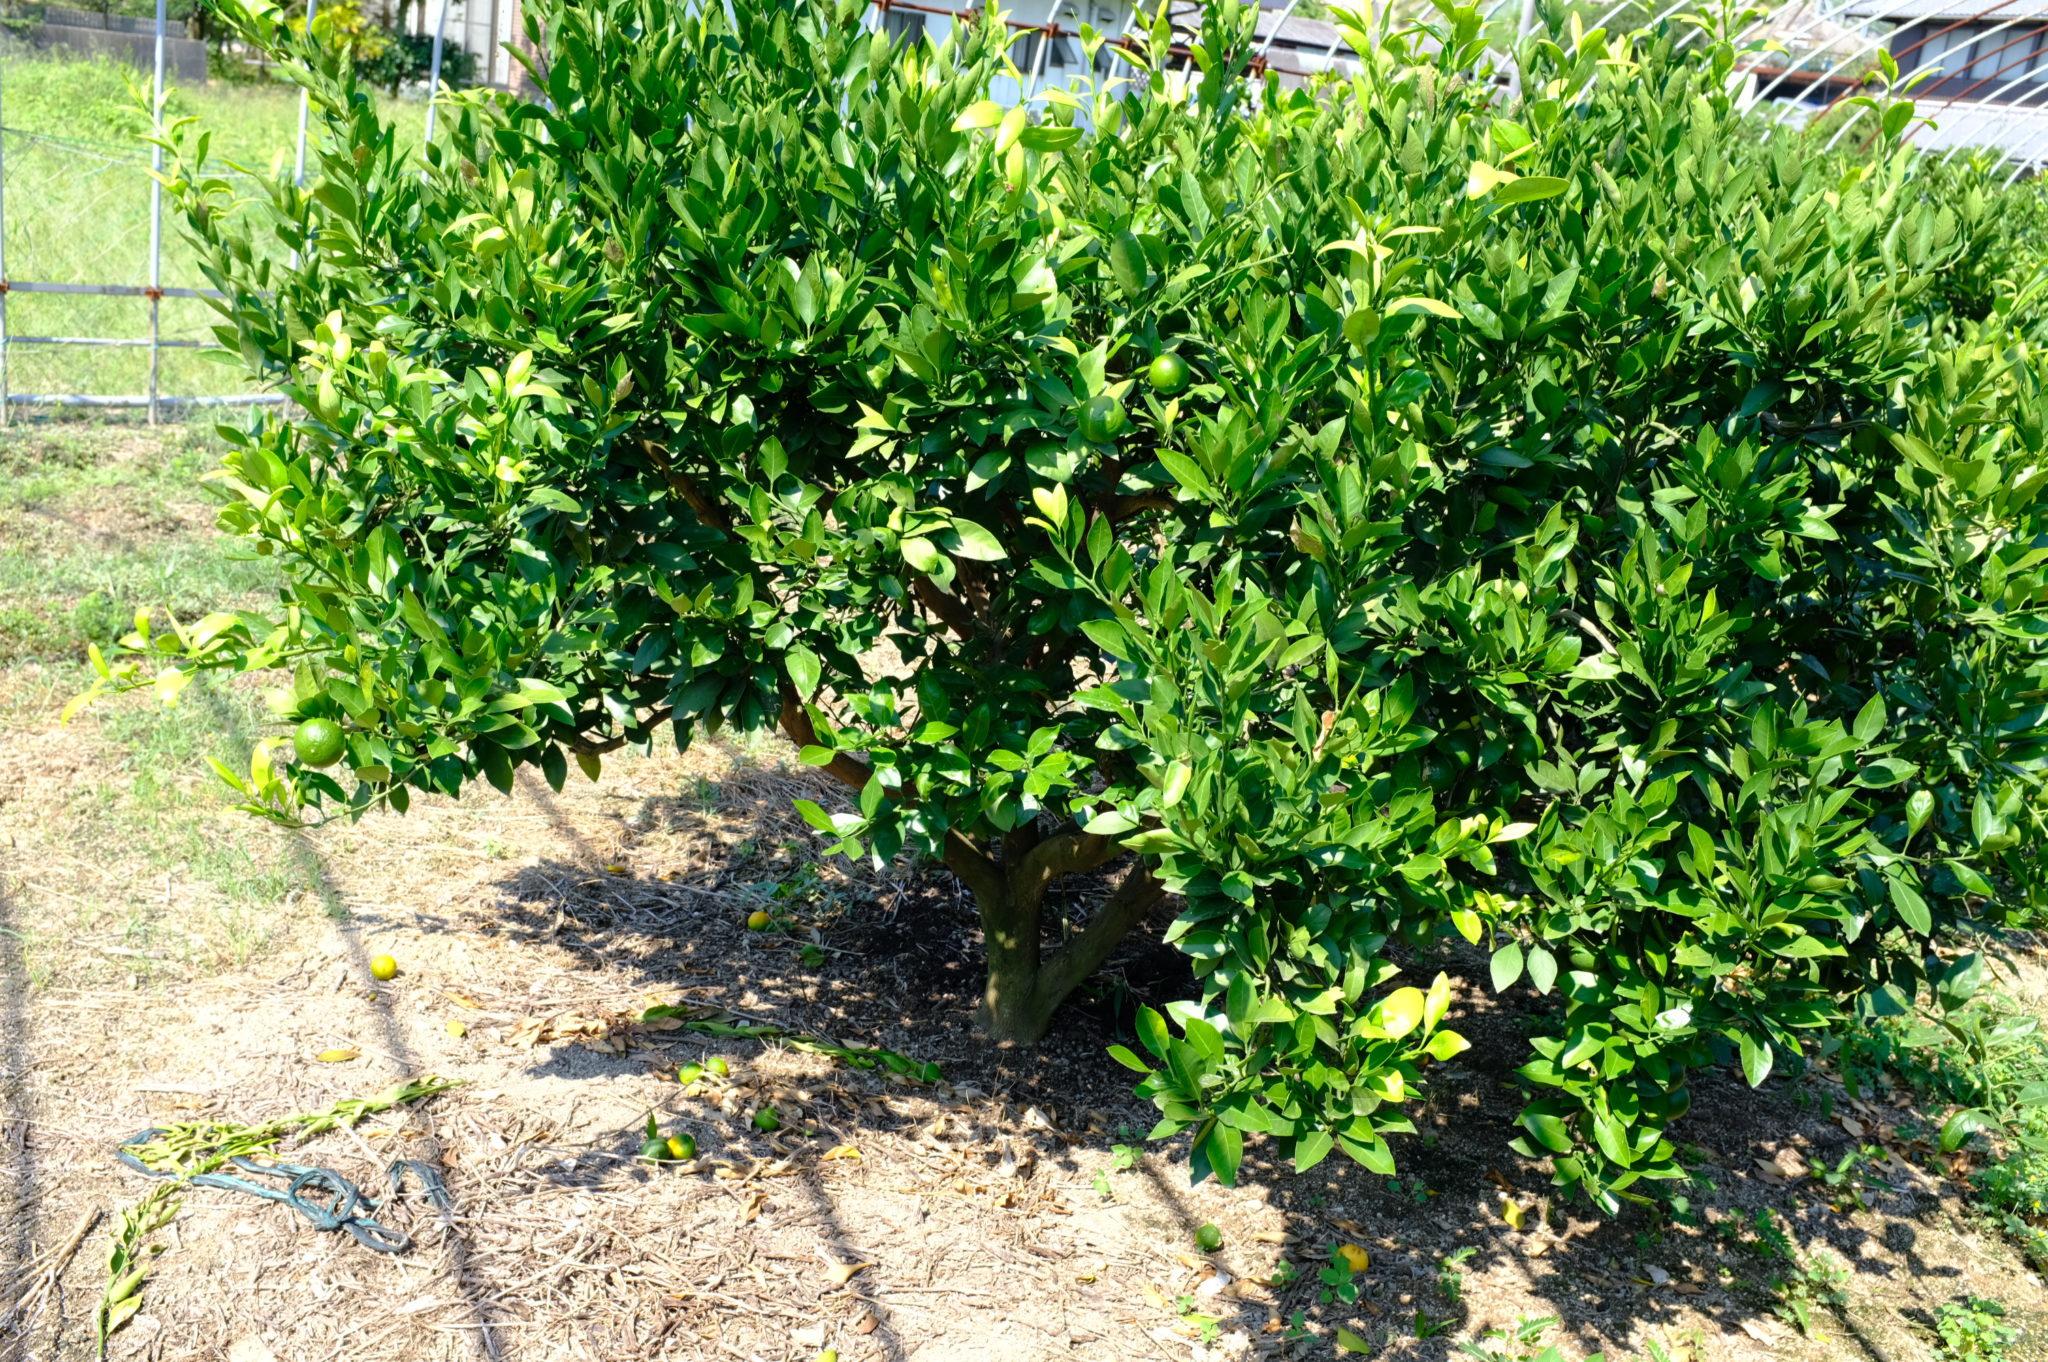 Mediterranes Klima, lässt Feigen und Mandarinen gedeihen